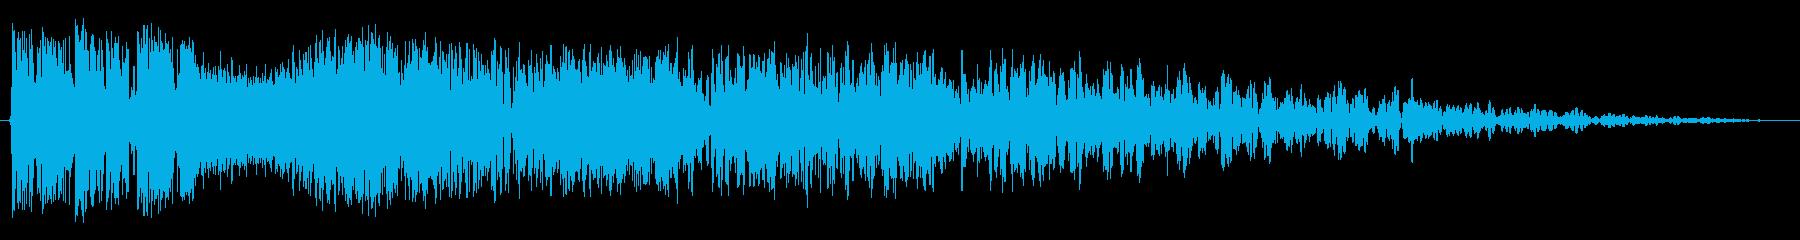 プロモーショントップ2の再生済みの波形